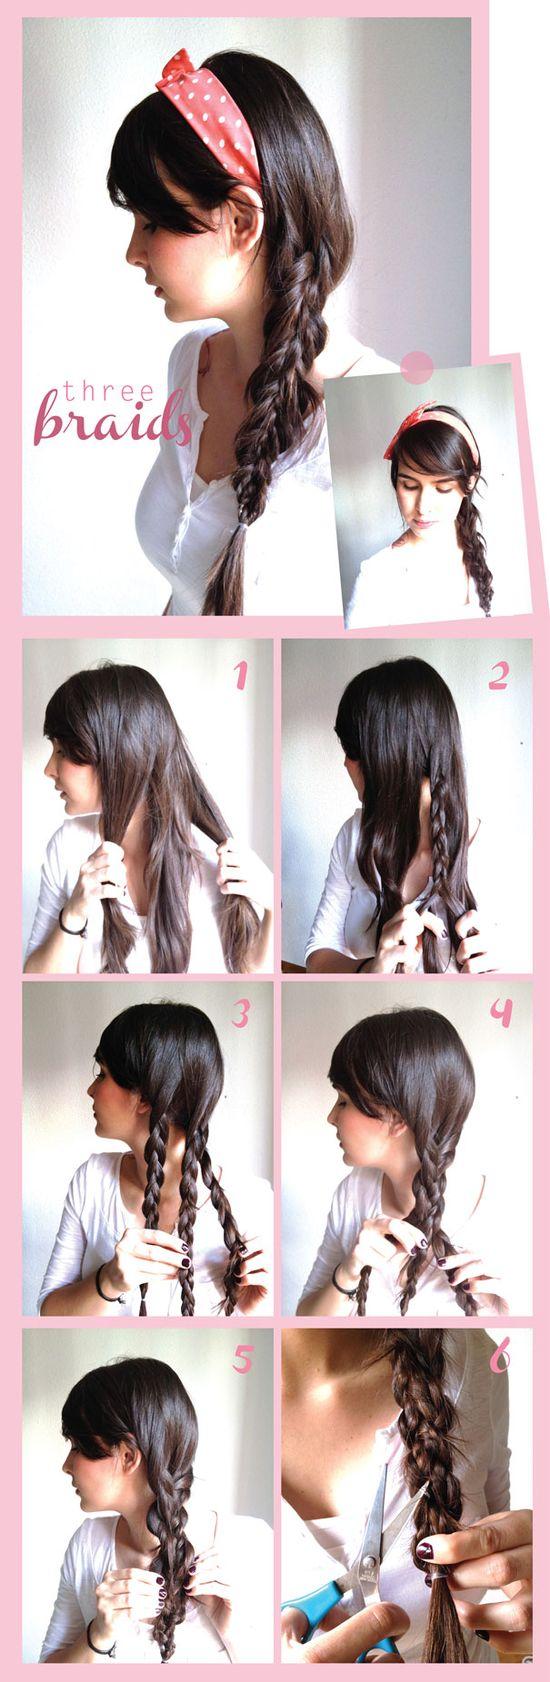 braid + braid + braid = cute